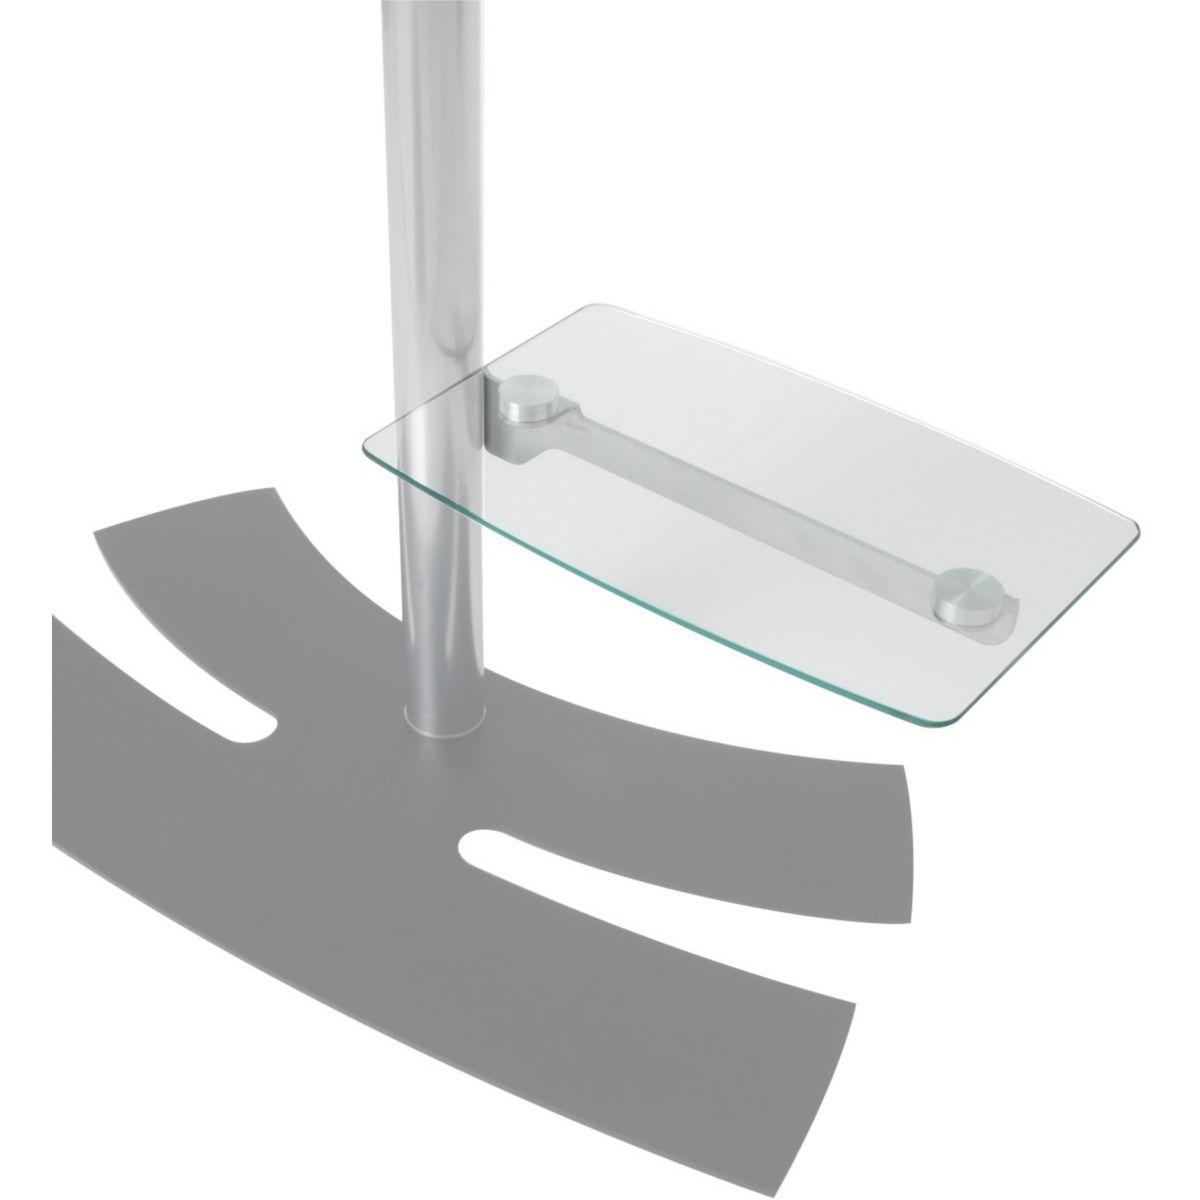 Erard tablette pied lux-up 038400 - 15% de remise imm�diate avec le code : fete15 (photo)